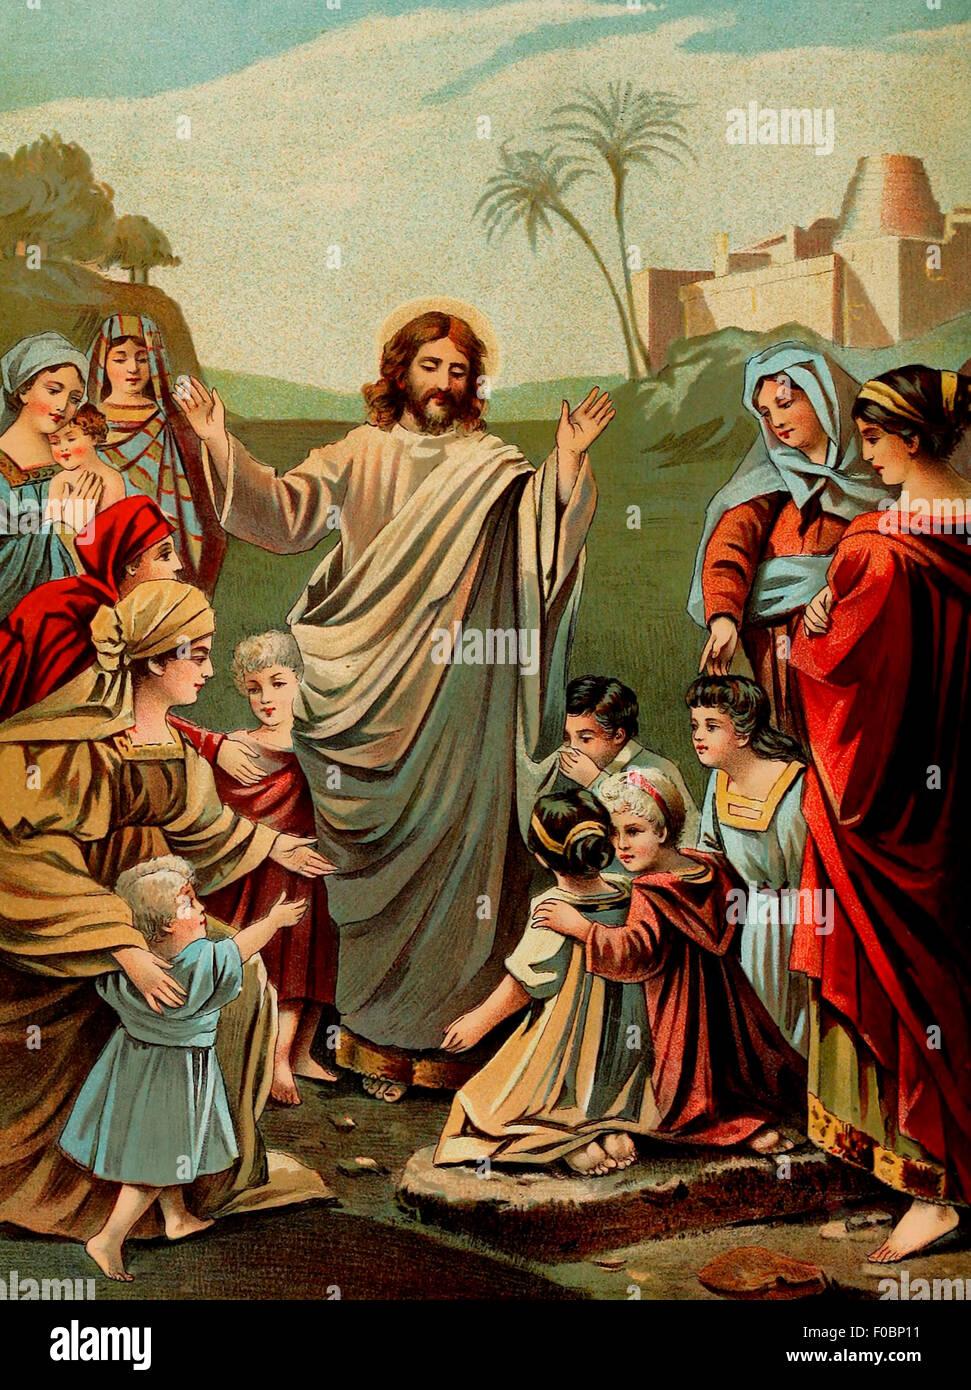 Jesus Christ Blessing the Little Children - Stock Image